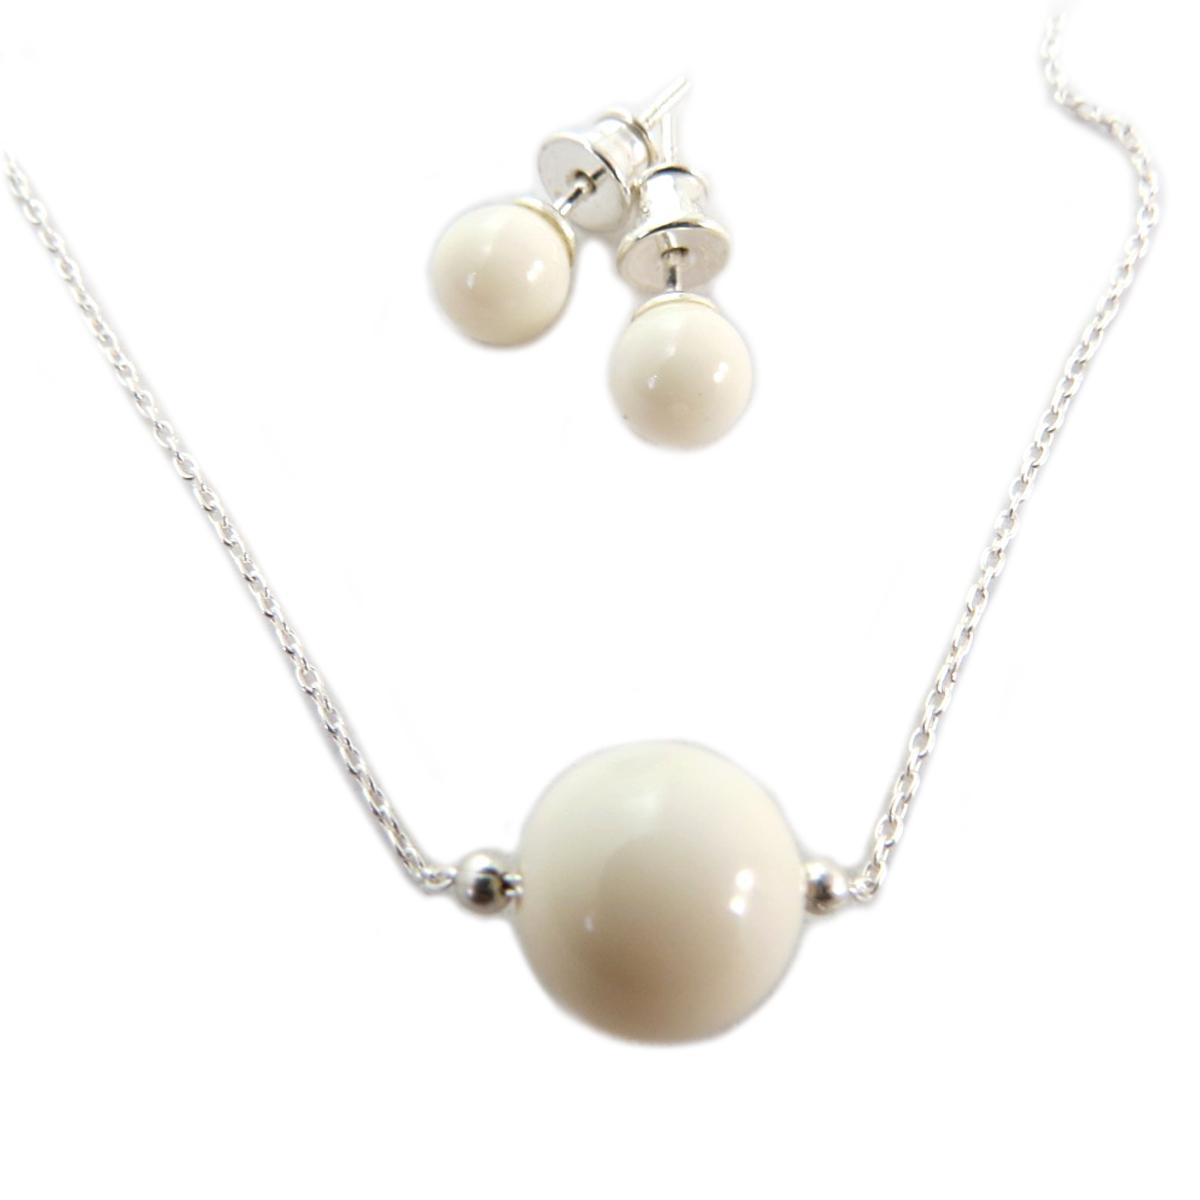 Parure argent artisanale \'Perla\' beige argenté (collier et boucles) - 10 mm, boucles 6 mm - [Q4984]